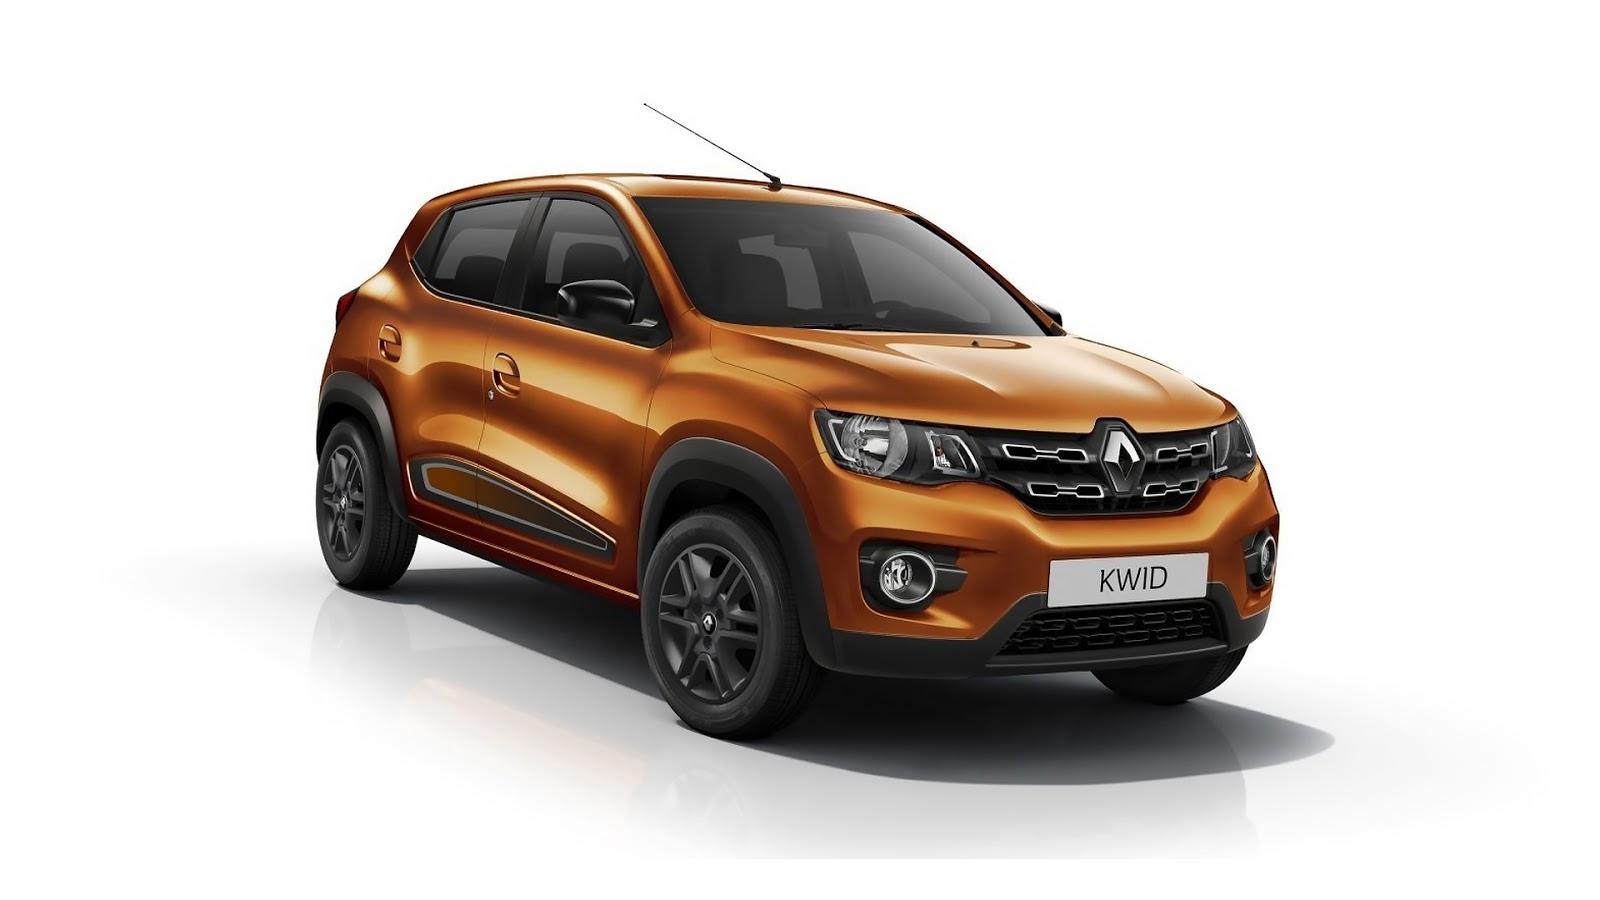 El Renault Kwid Ahora Ms Accesible Motorblog Uruguay